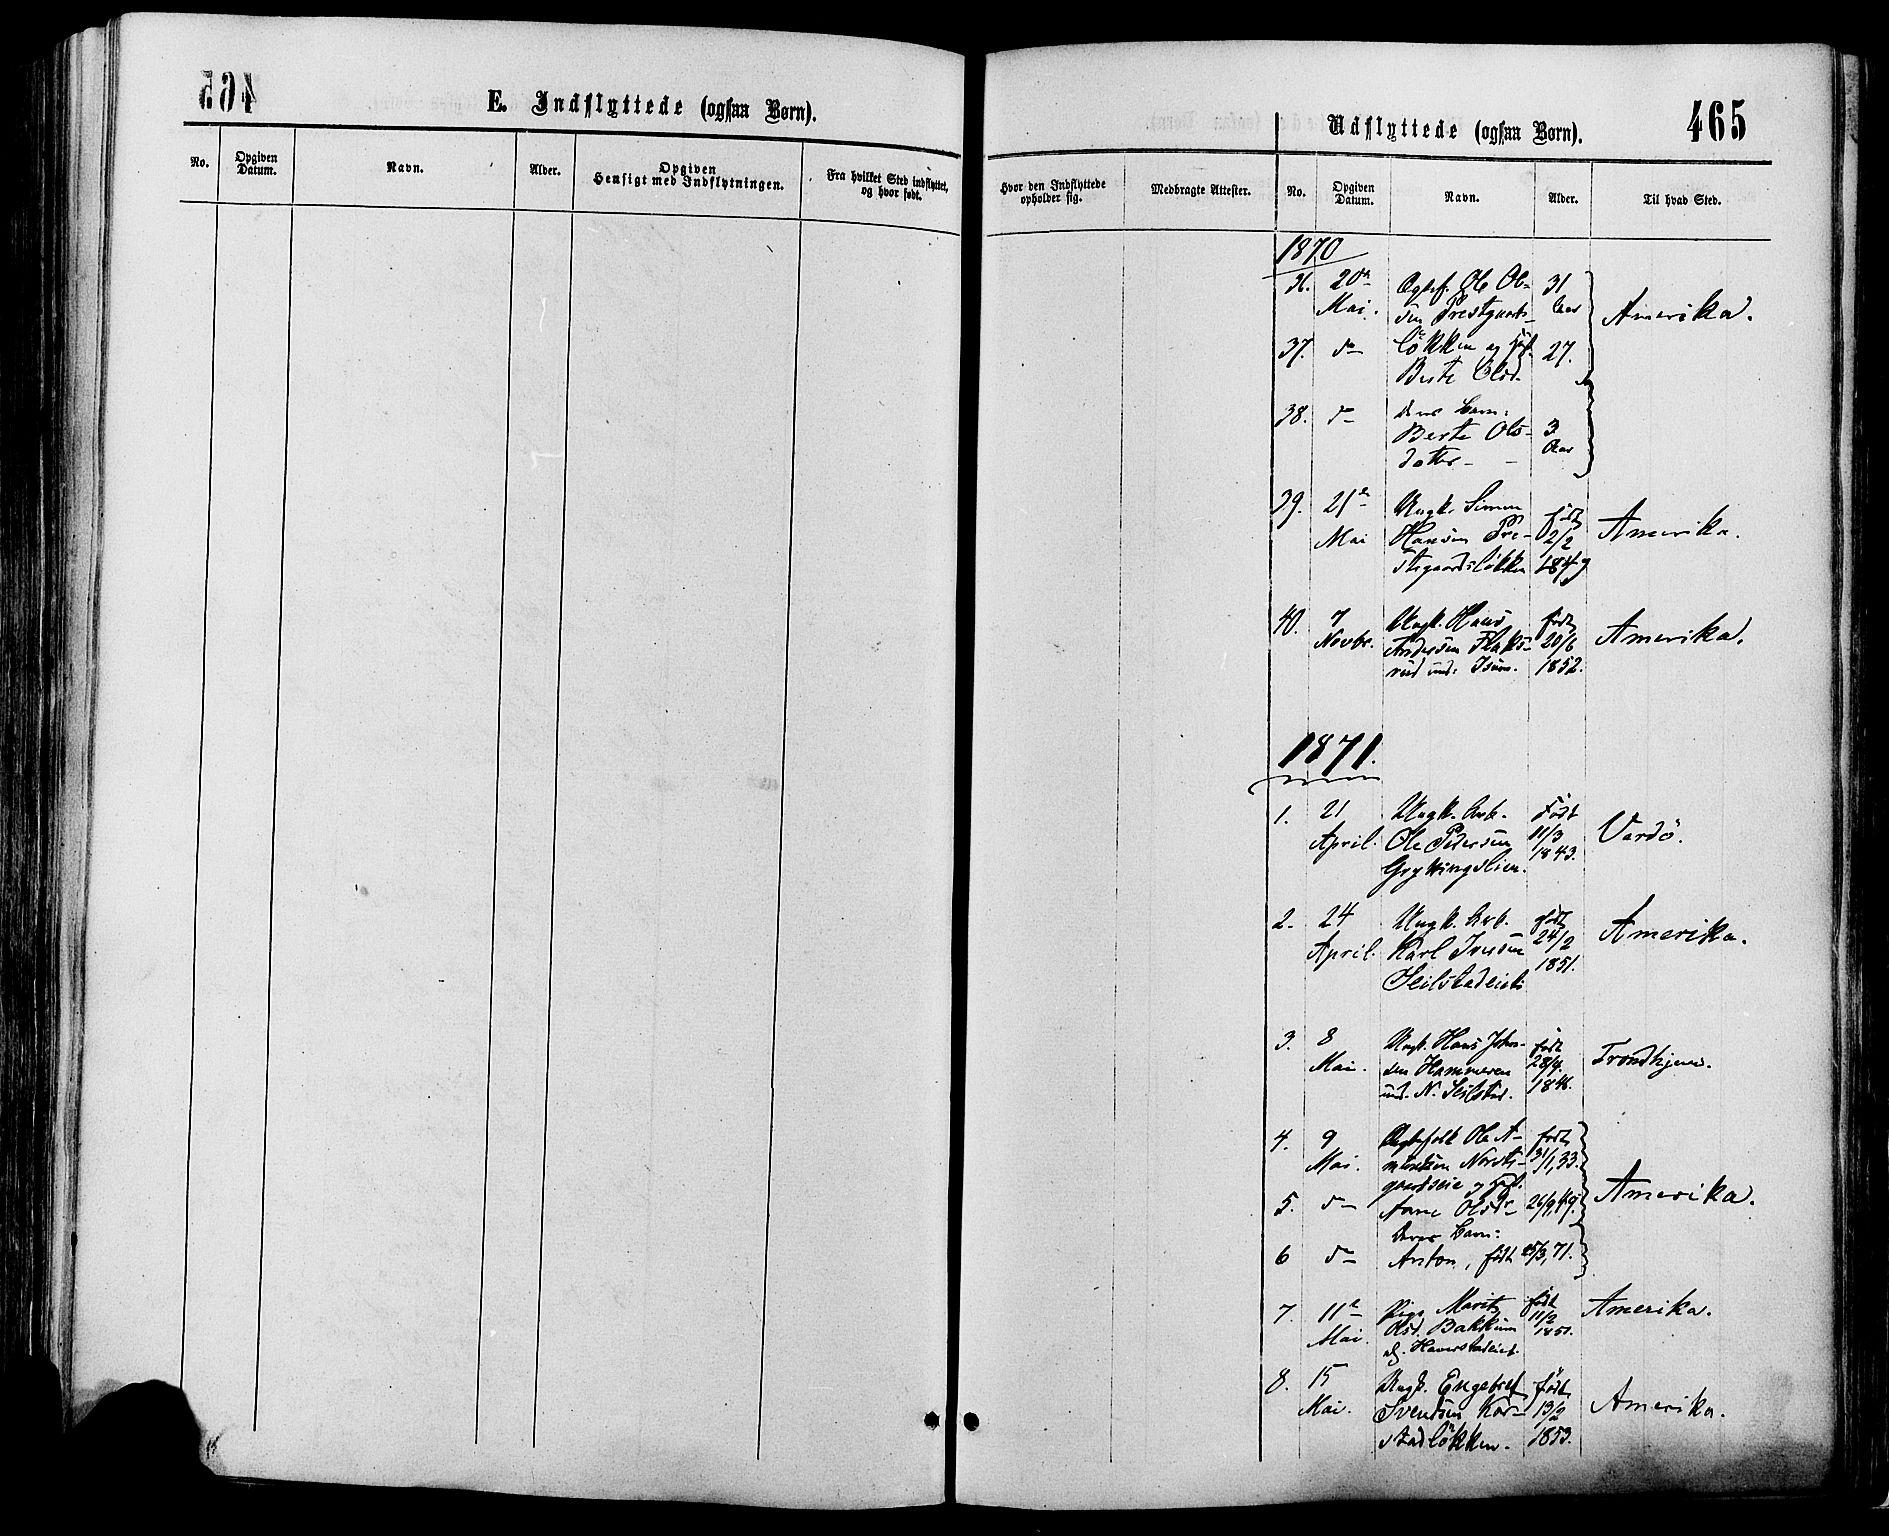 SAH, Sør-Fron prestekontor, H/Ha/Haa/L0002: Ministerialbok nr. 2, 1864-1880, s. 465